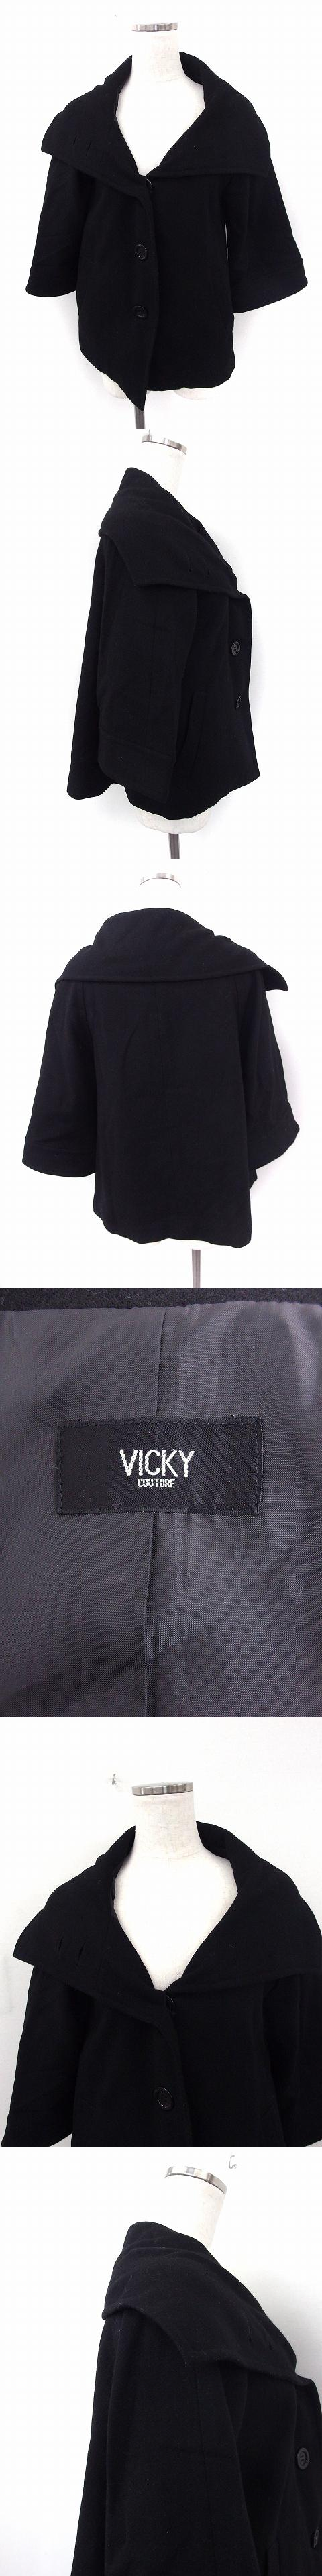 コート アウター ステンカラー 長袖 ショート丈 アンゴラ混 ウール 2 ブラック 黒 /FT10